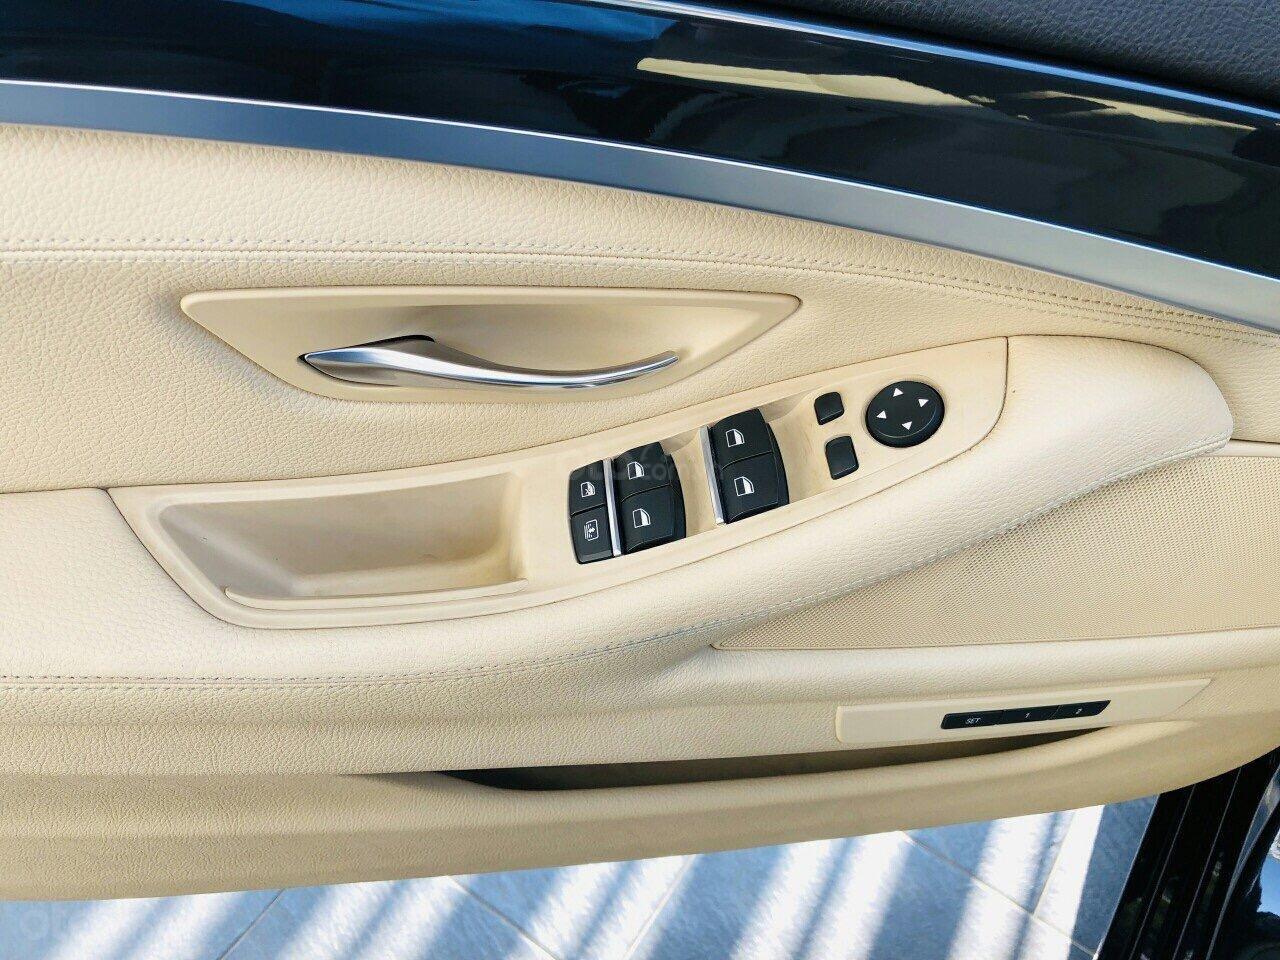 Bán BMW 520i sản xuất 2016, xe đẹp, đi ít, cam kết chất lượng bao kiểm tra hãng-5